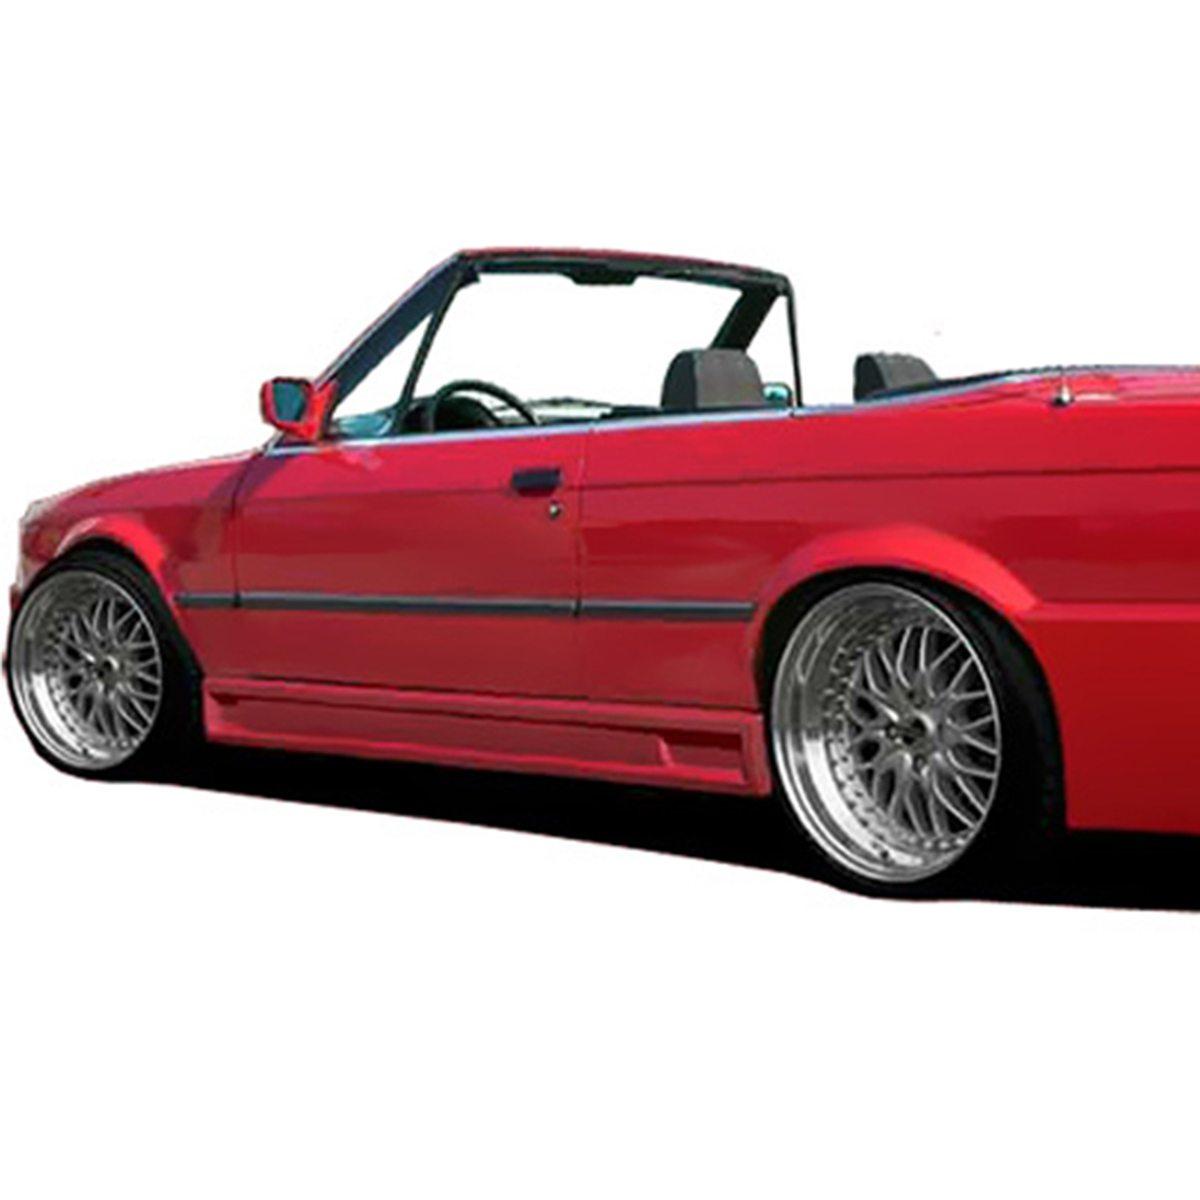 BMW-E30-Plus-embaladeiras-EBS010